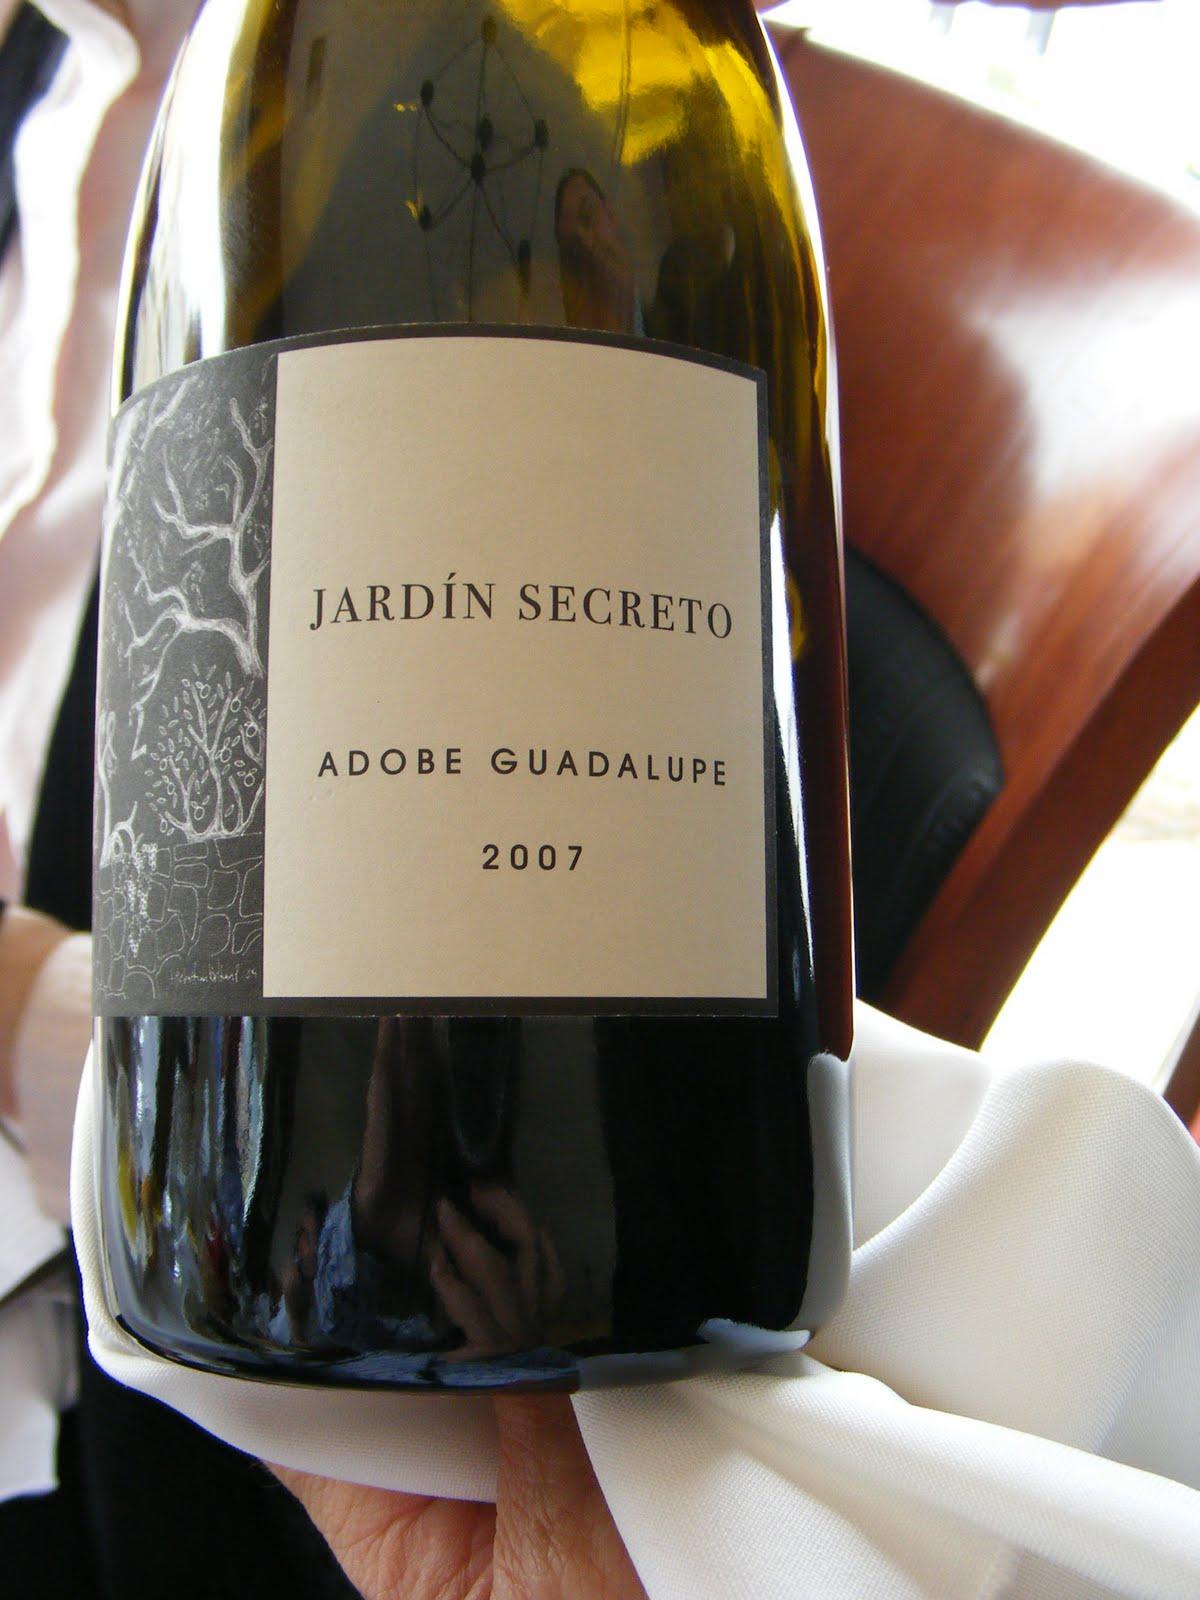 Street gourmet la great chefs of baja in 39 courses for Jardin secreto wine